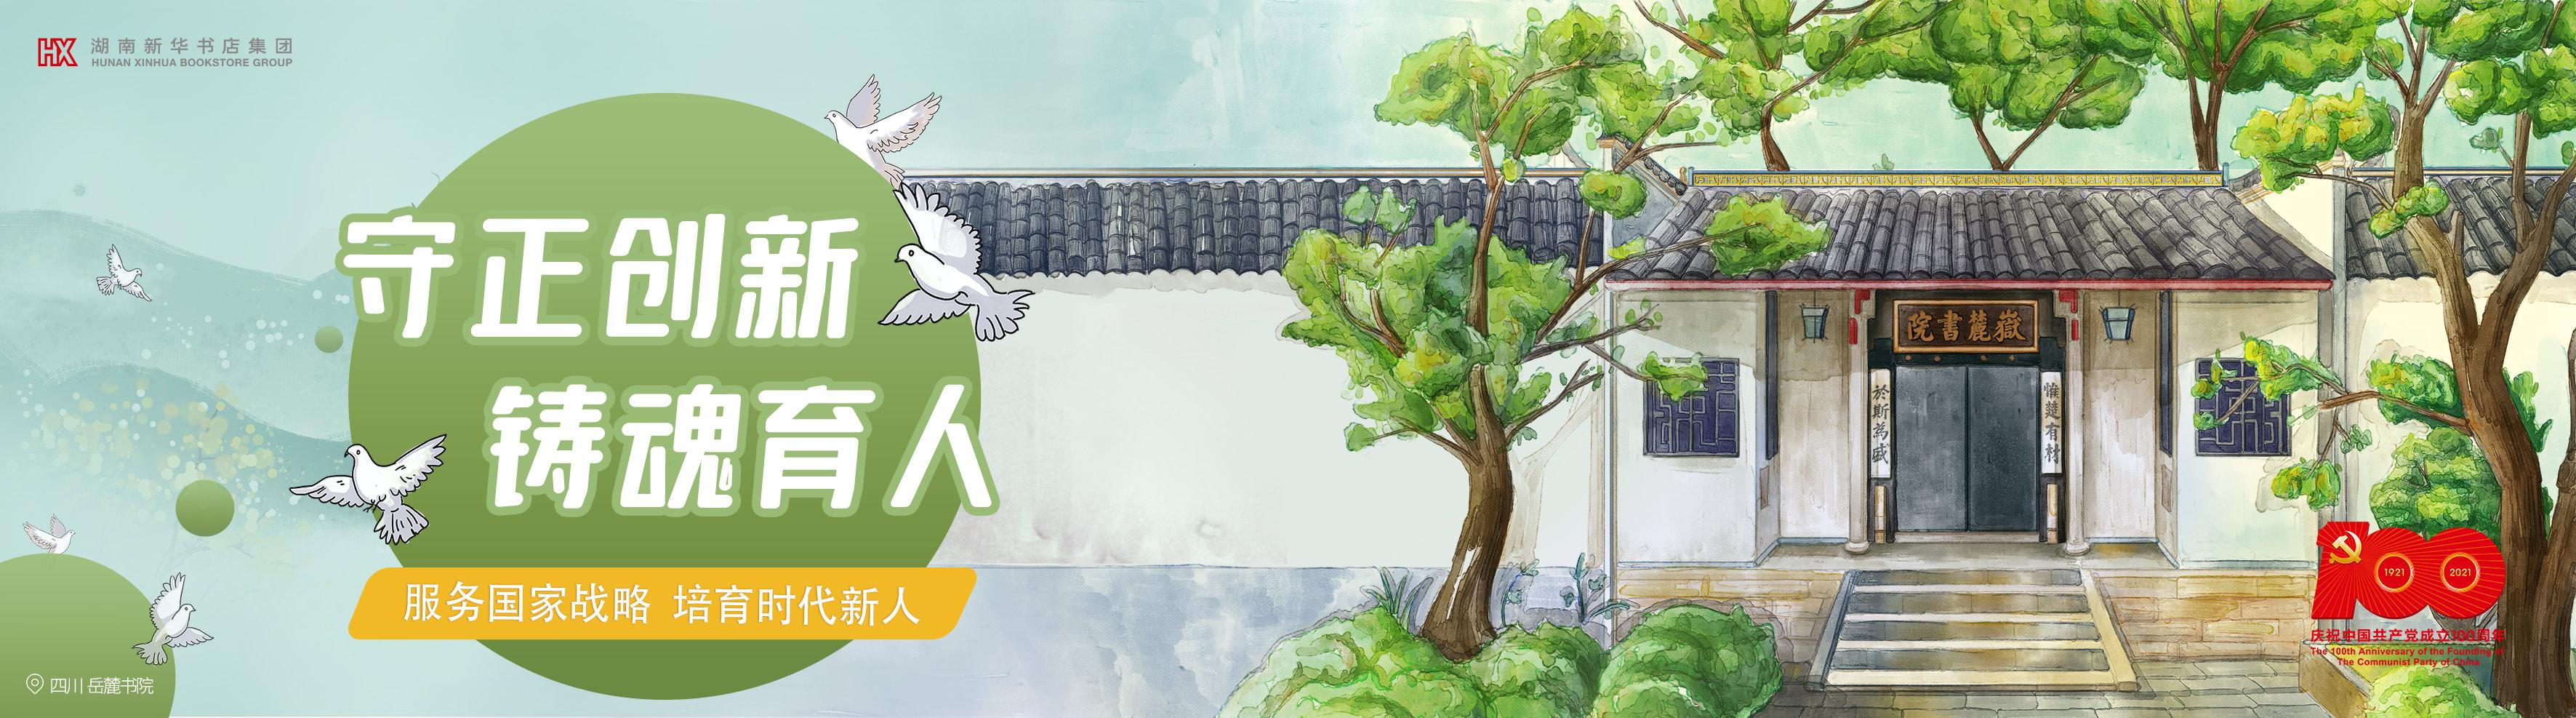 【序号1】【湖南】岳麓书院品牌图